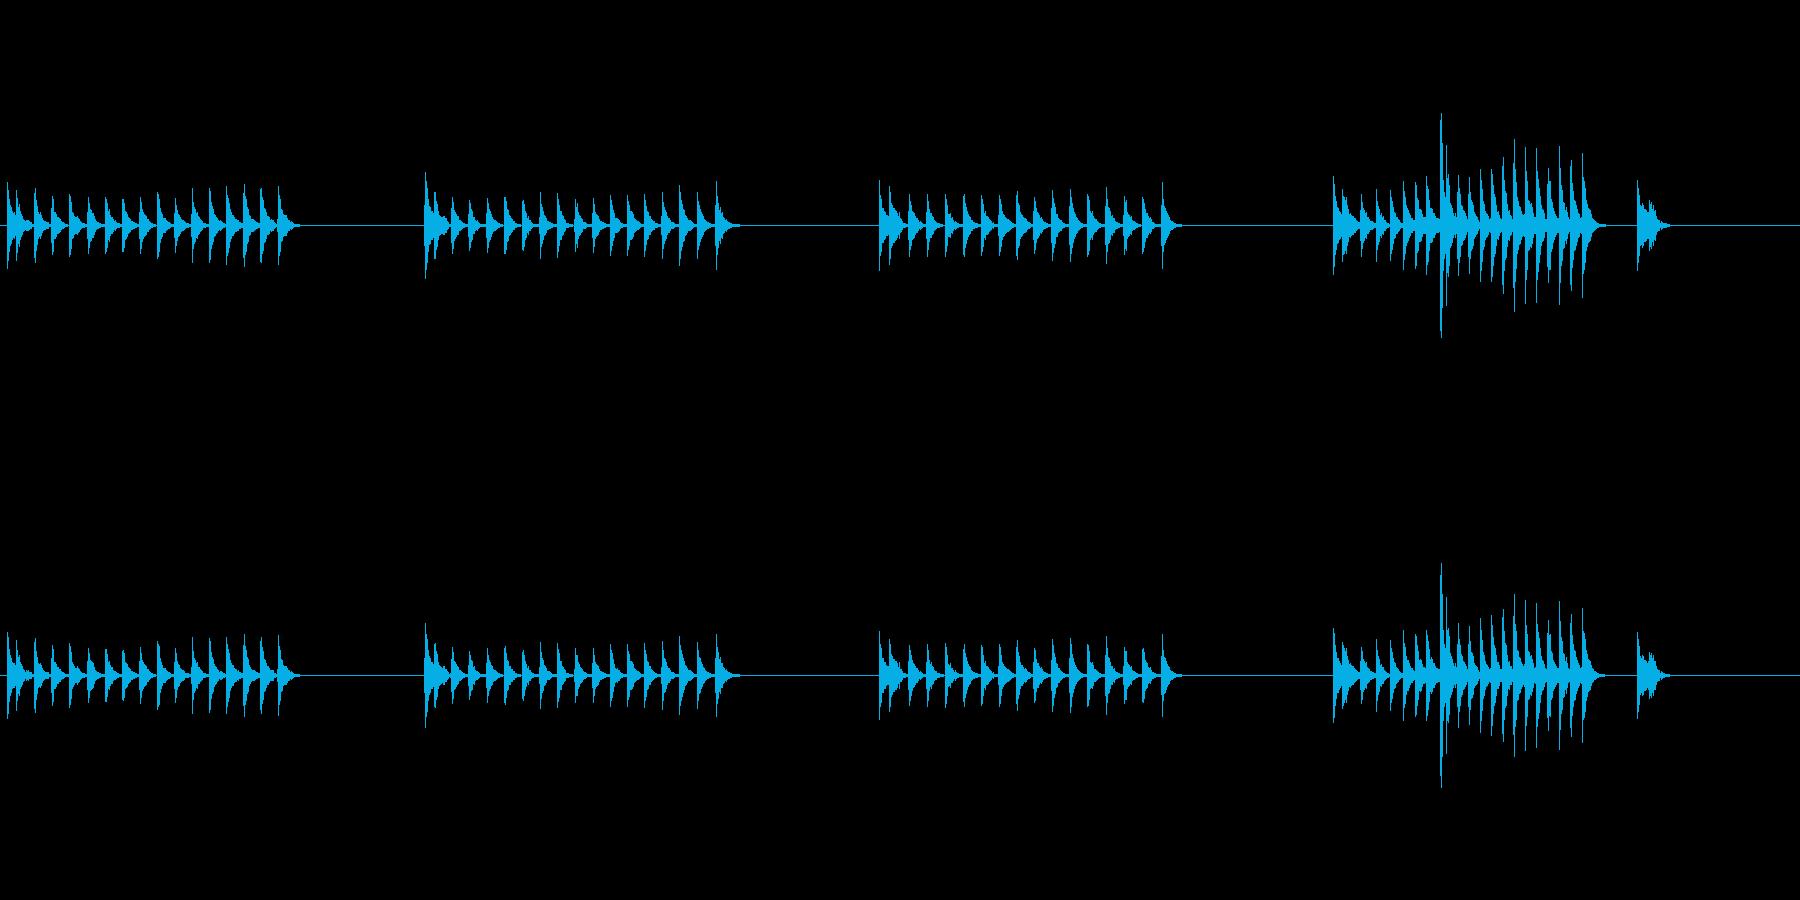 大太鼓23山ヲロシ歌舞伎情景描写和風和太の再生済みの波形